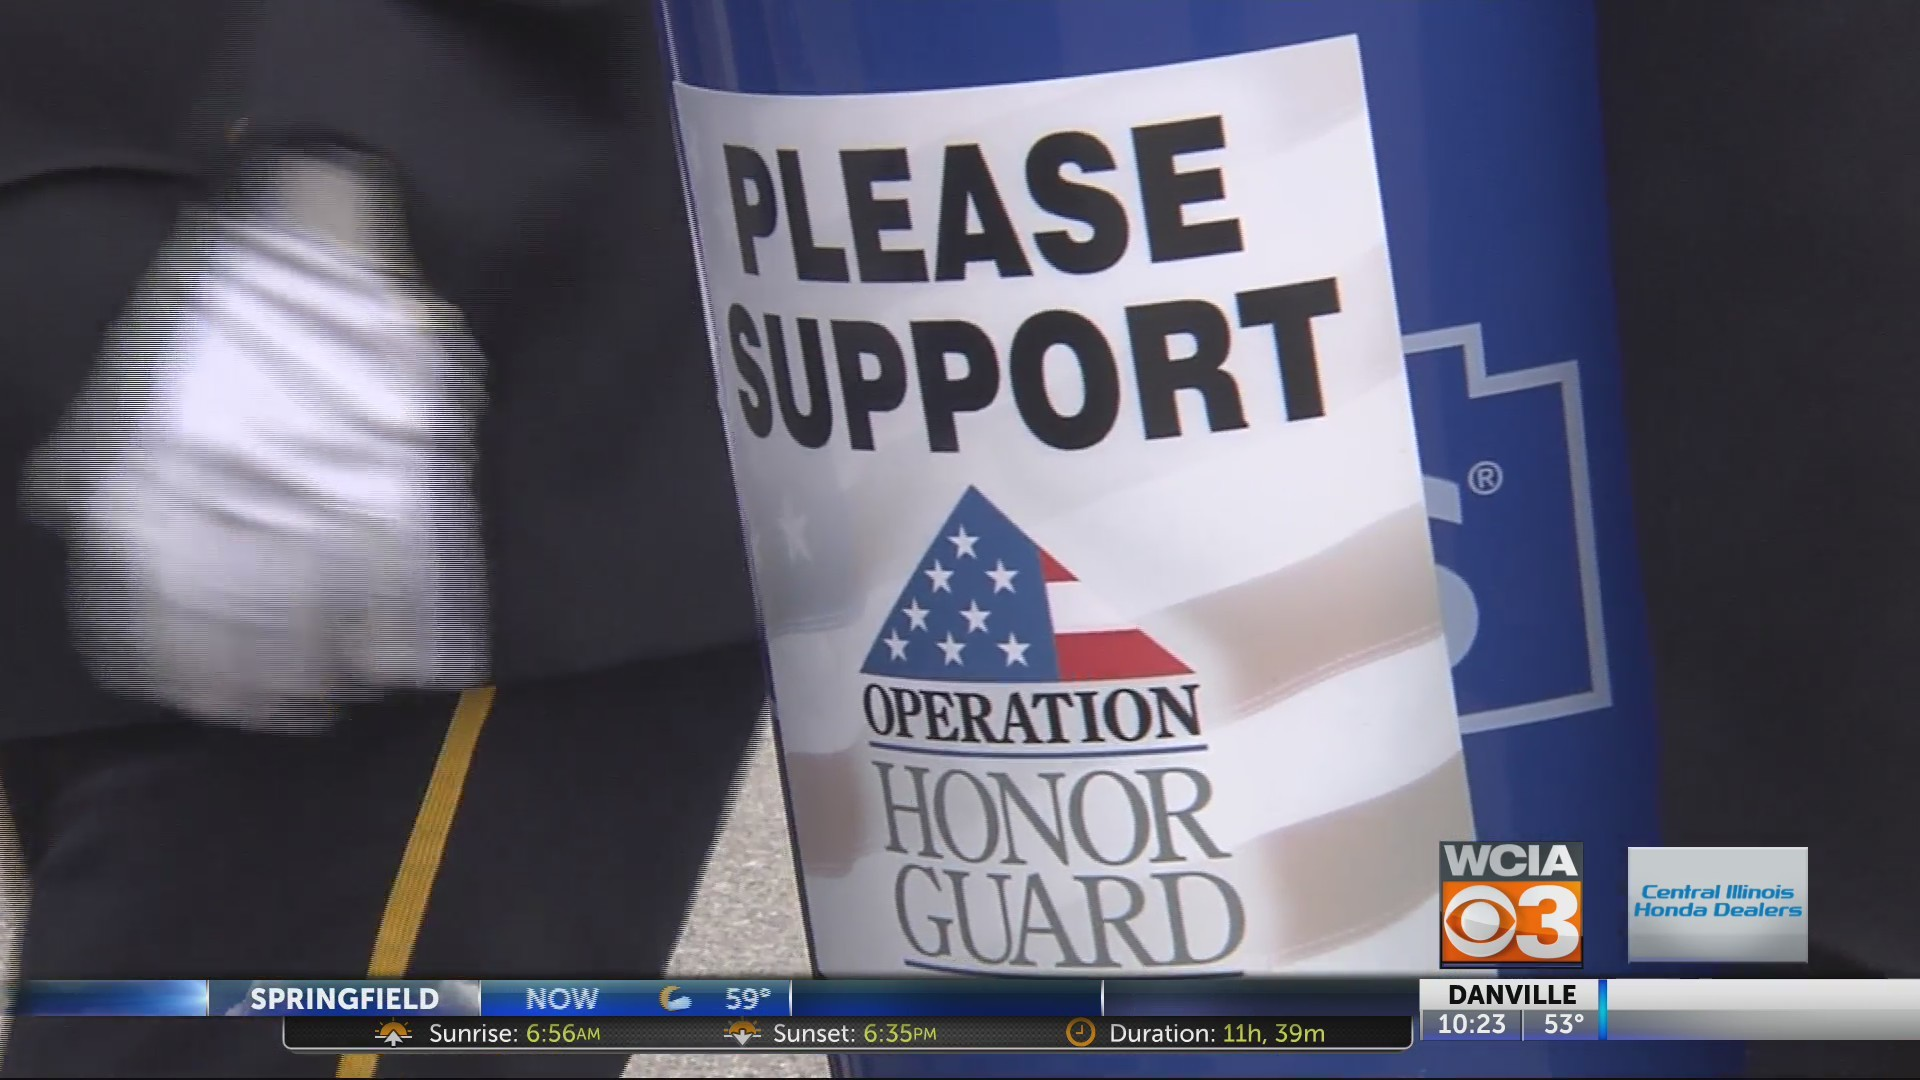 Honor Guard 2018